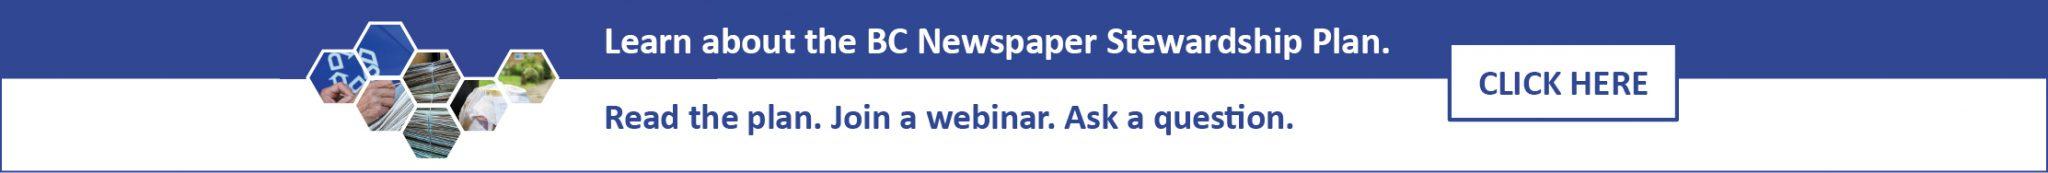 BC Newspaper Stewardship Plan